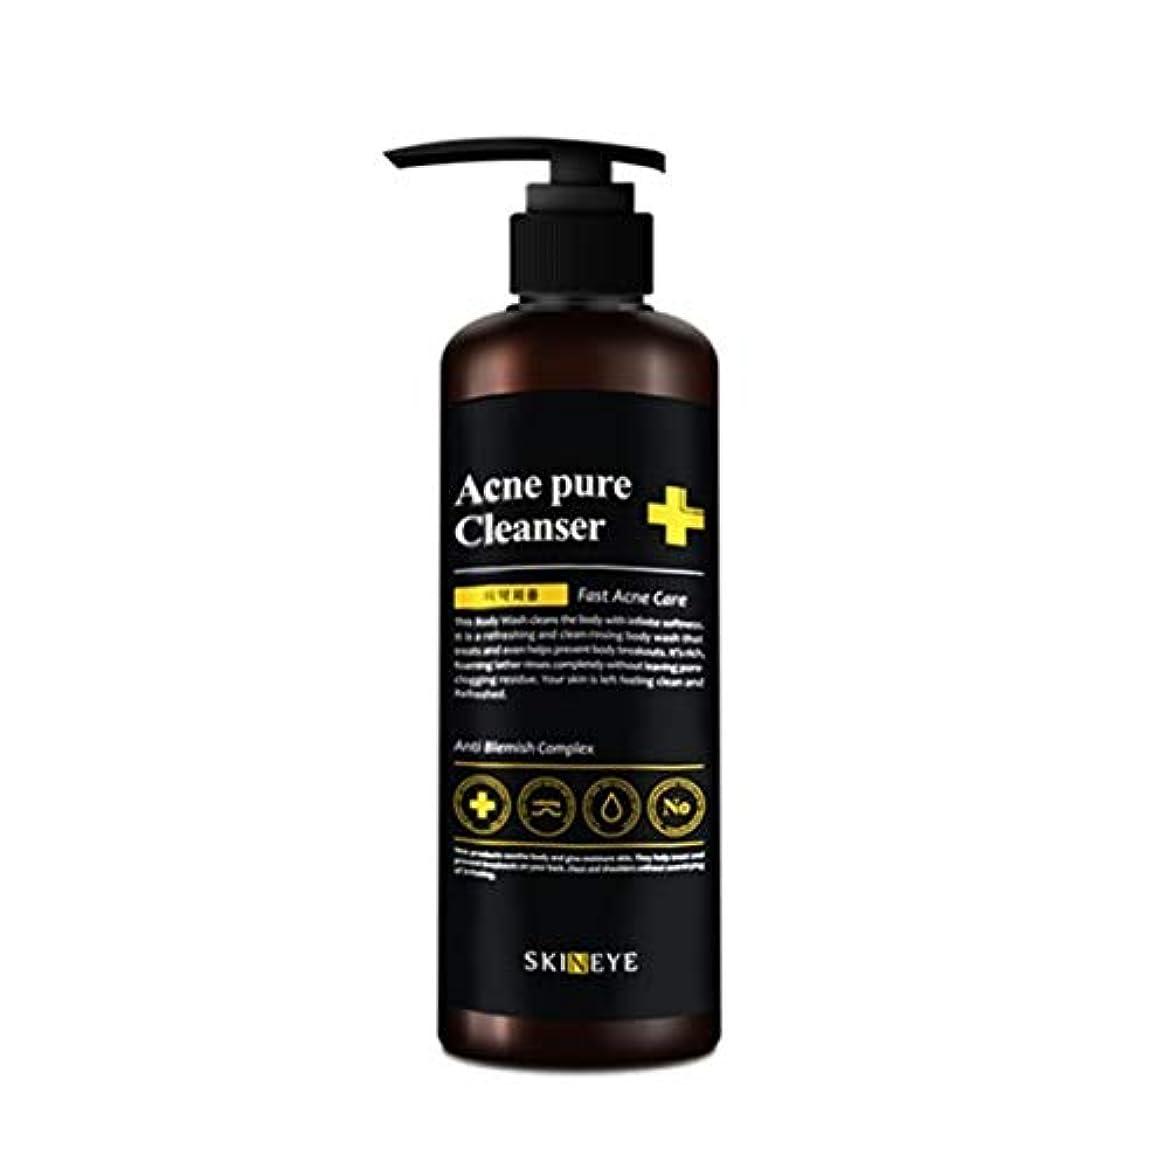 製油所幻想予報スキンアイアクネピュアクレンザー300mlの老廃物除去、Skineye Acne Pure Cleanser 300ml Waste Removal [並行輸入品]